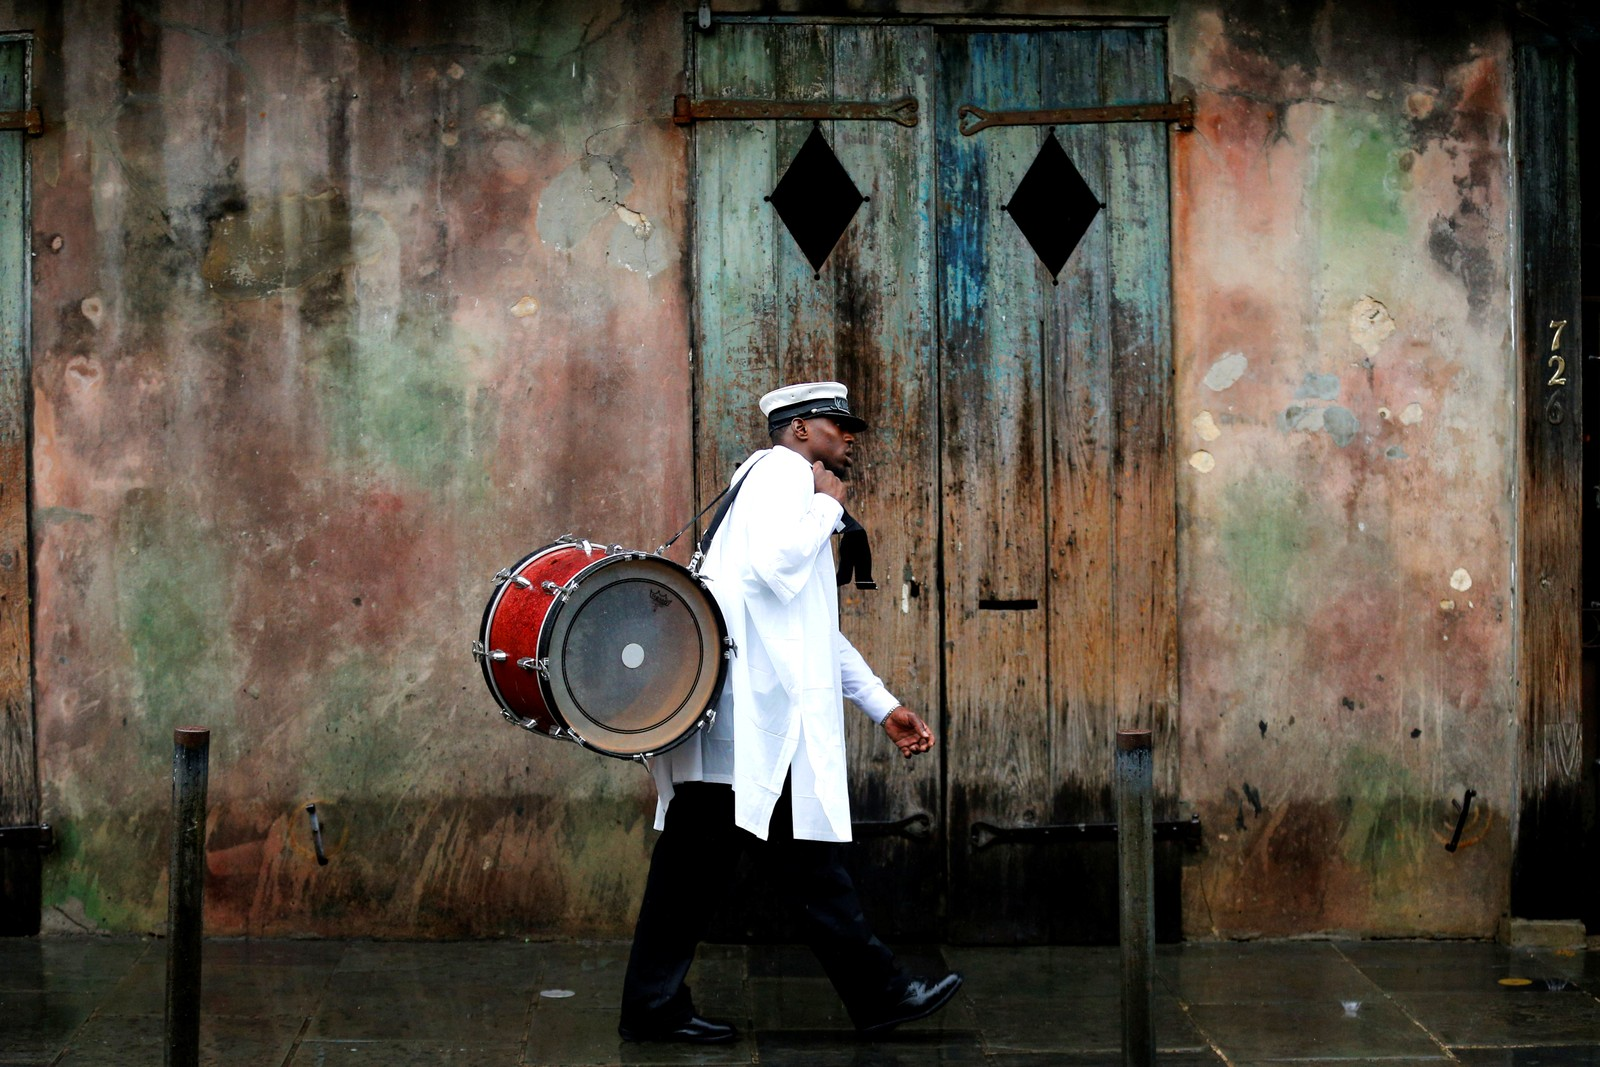 En musiker i det franske kvarteret i New Orleans.